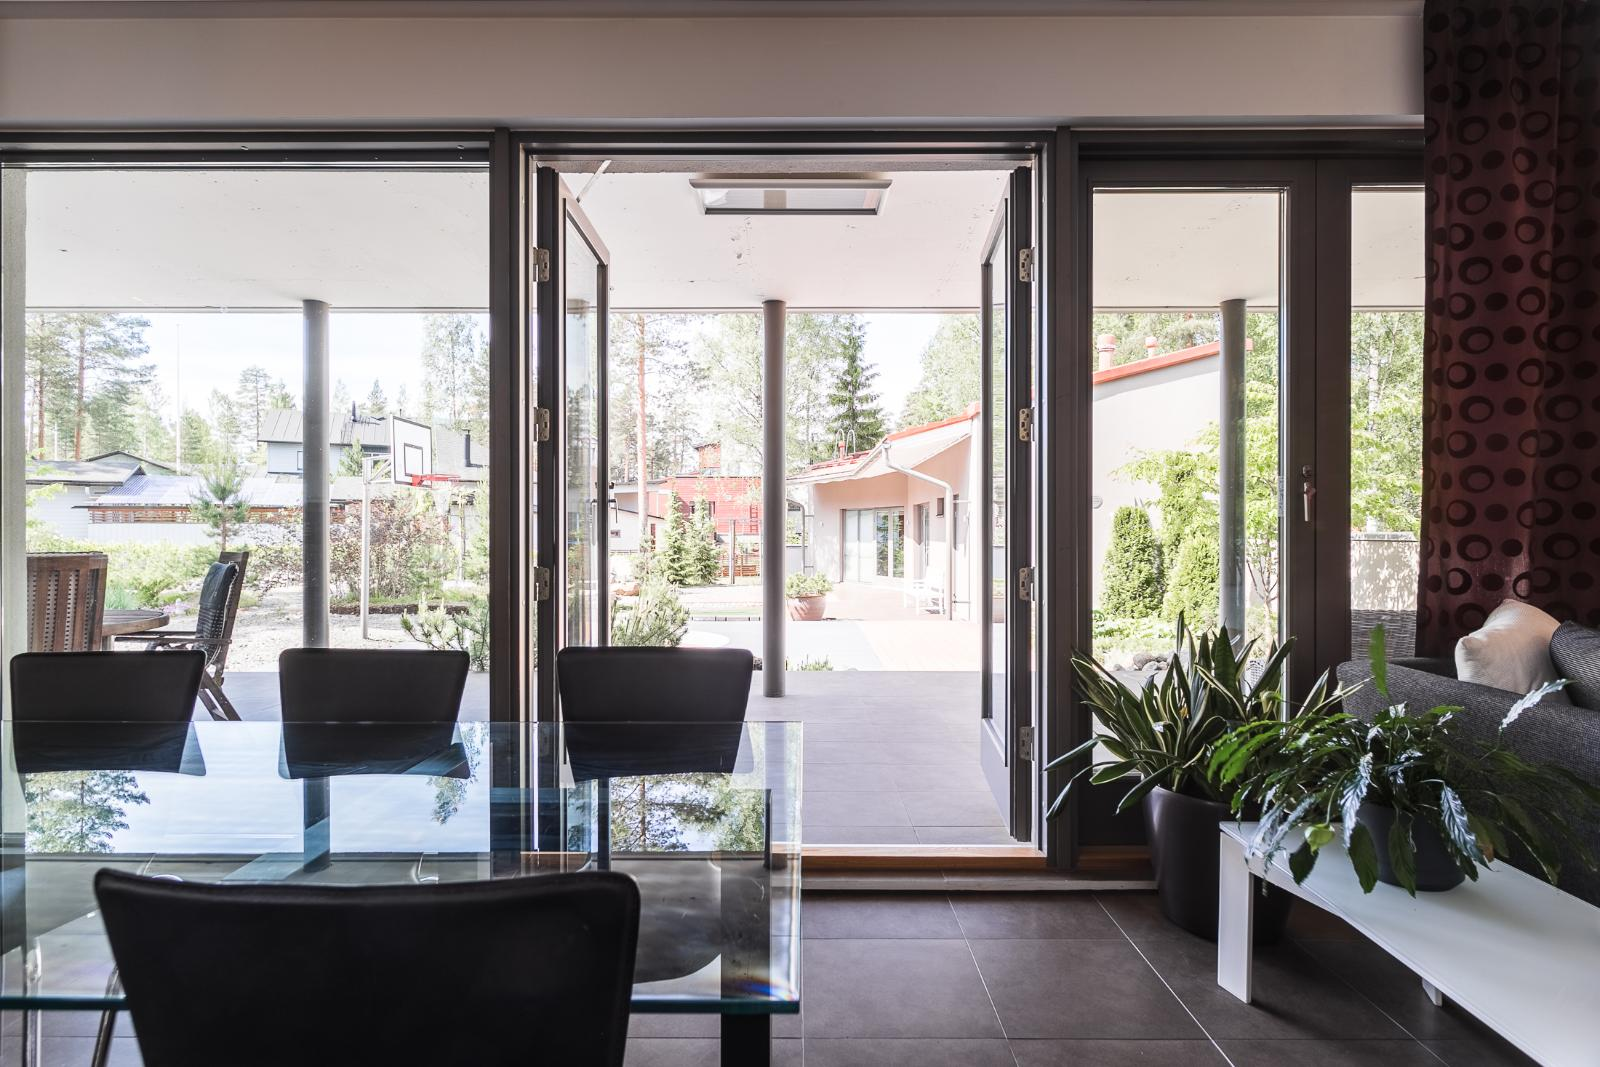 Olohuoneen isot ikkunat luovat valoisan ja avaran tunnelman. title=